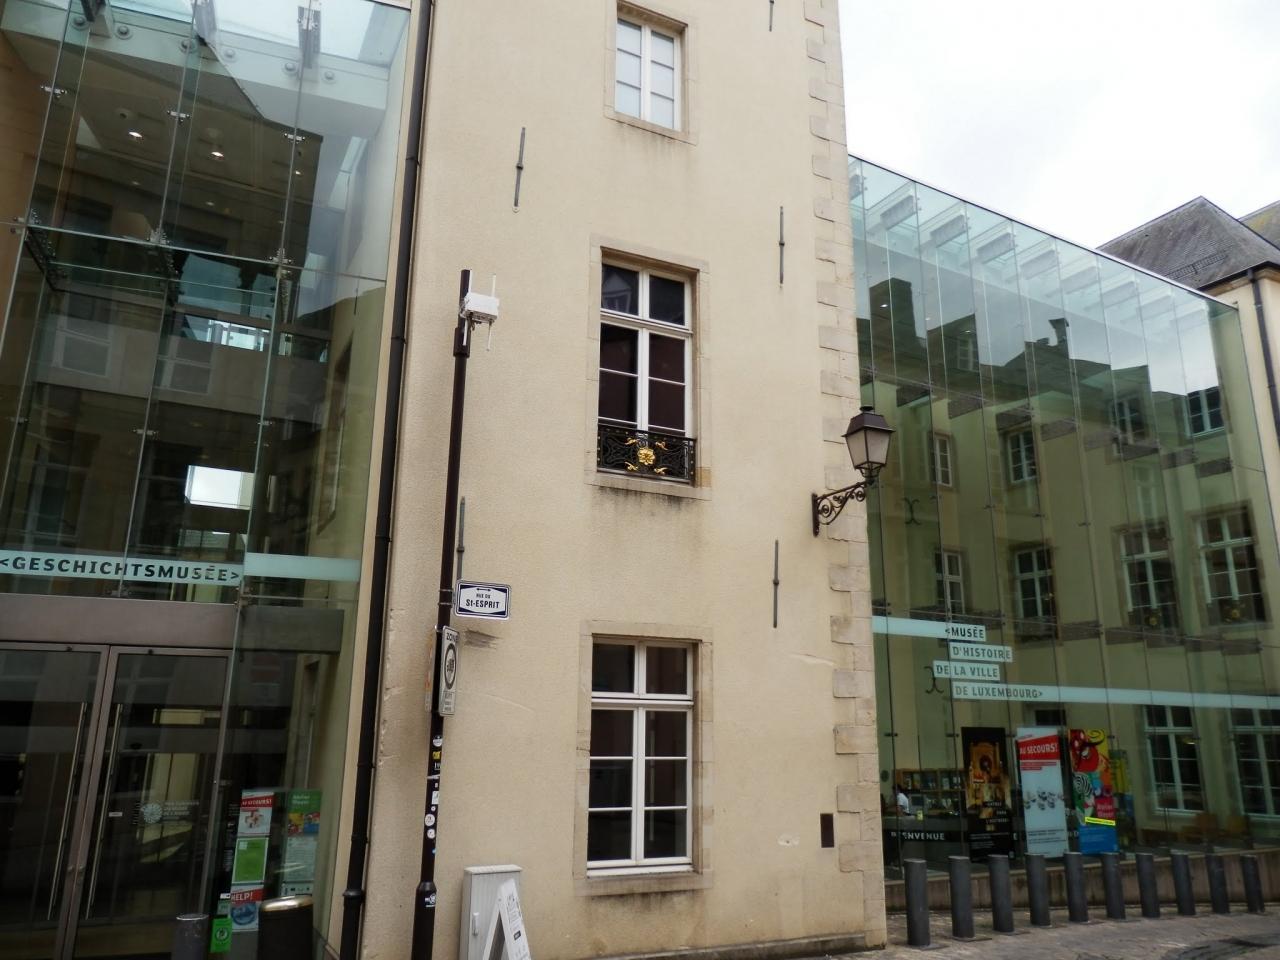 ルクセンブルク市の画像 p1_2